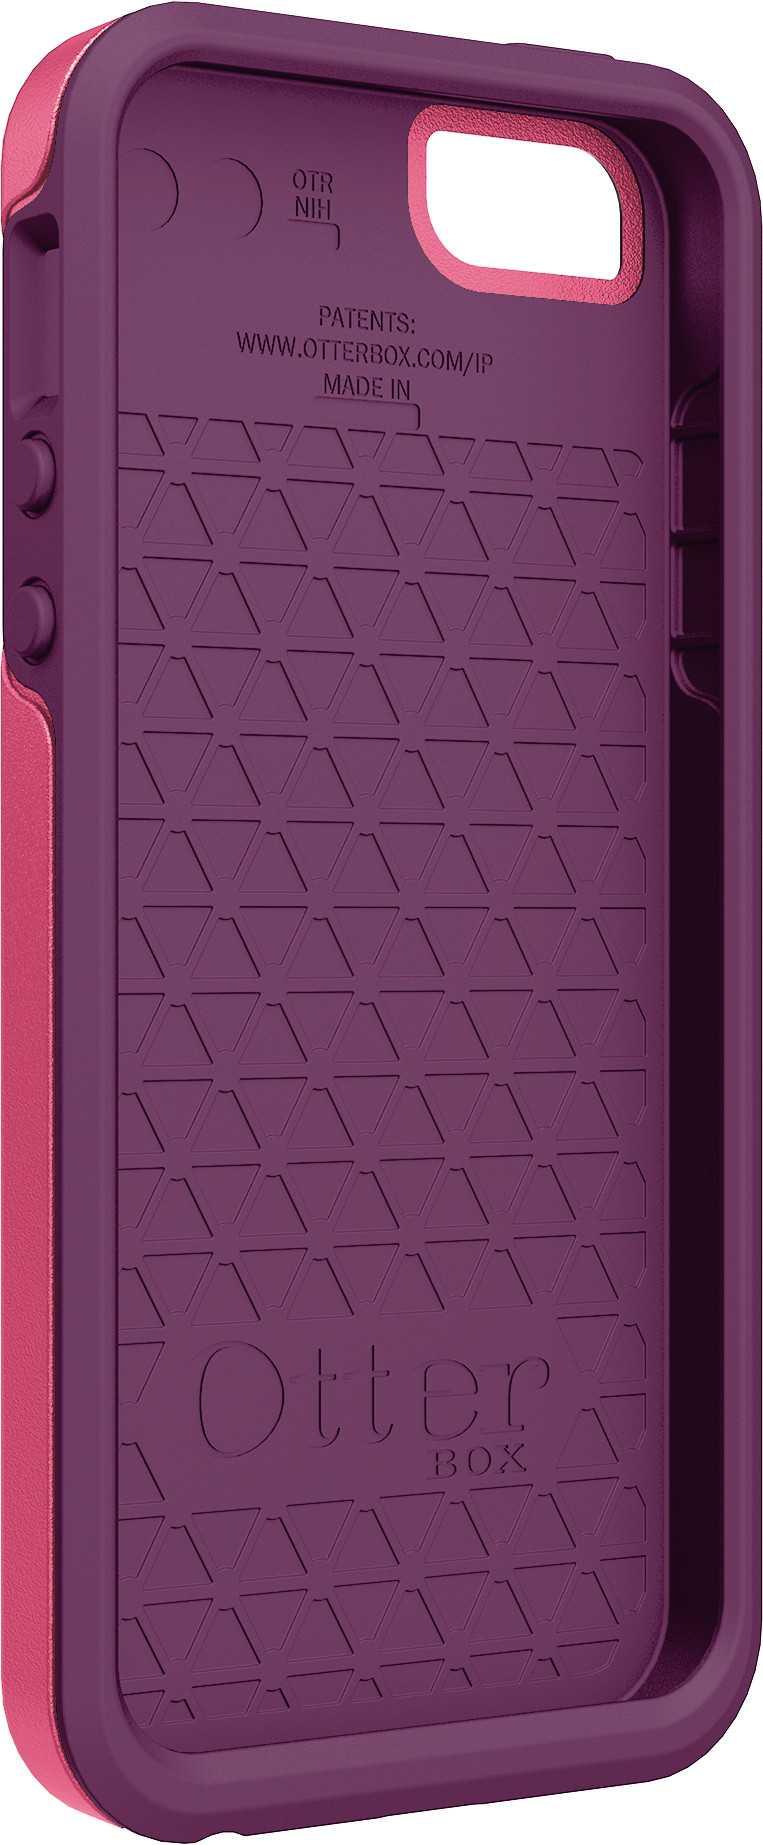 MWC 2014  Otterbox Symmetry Series   Custodia che unisce design e protezione